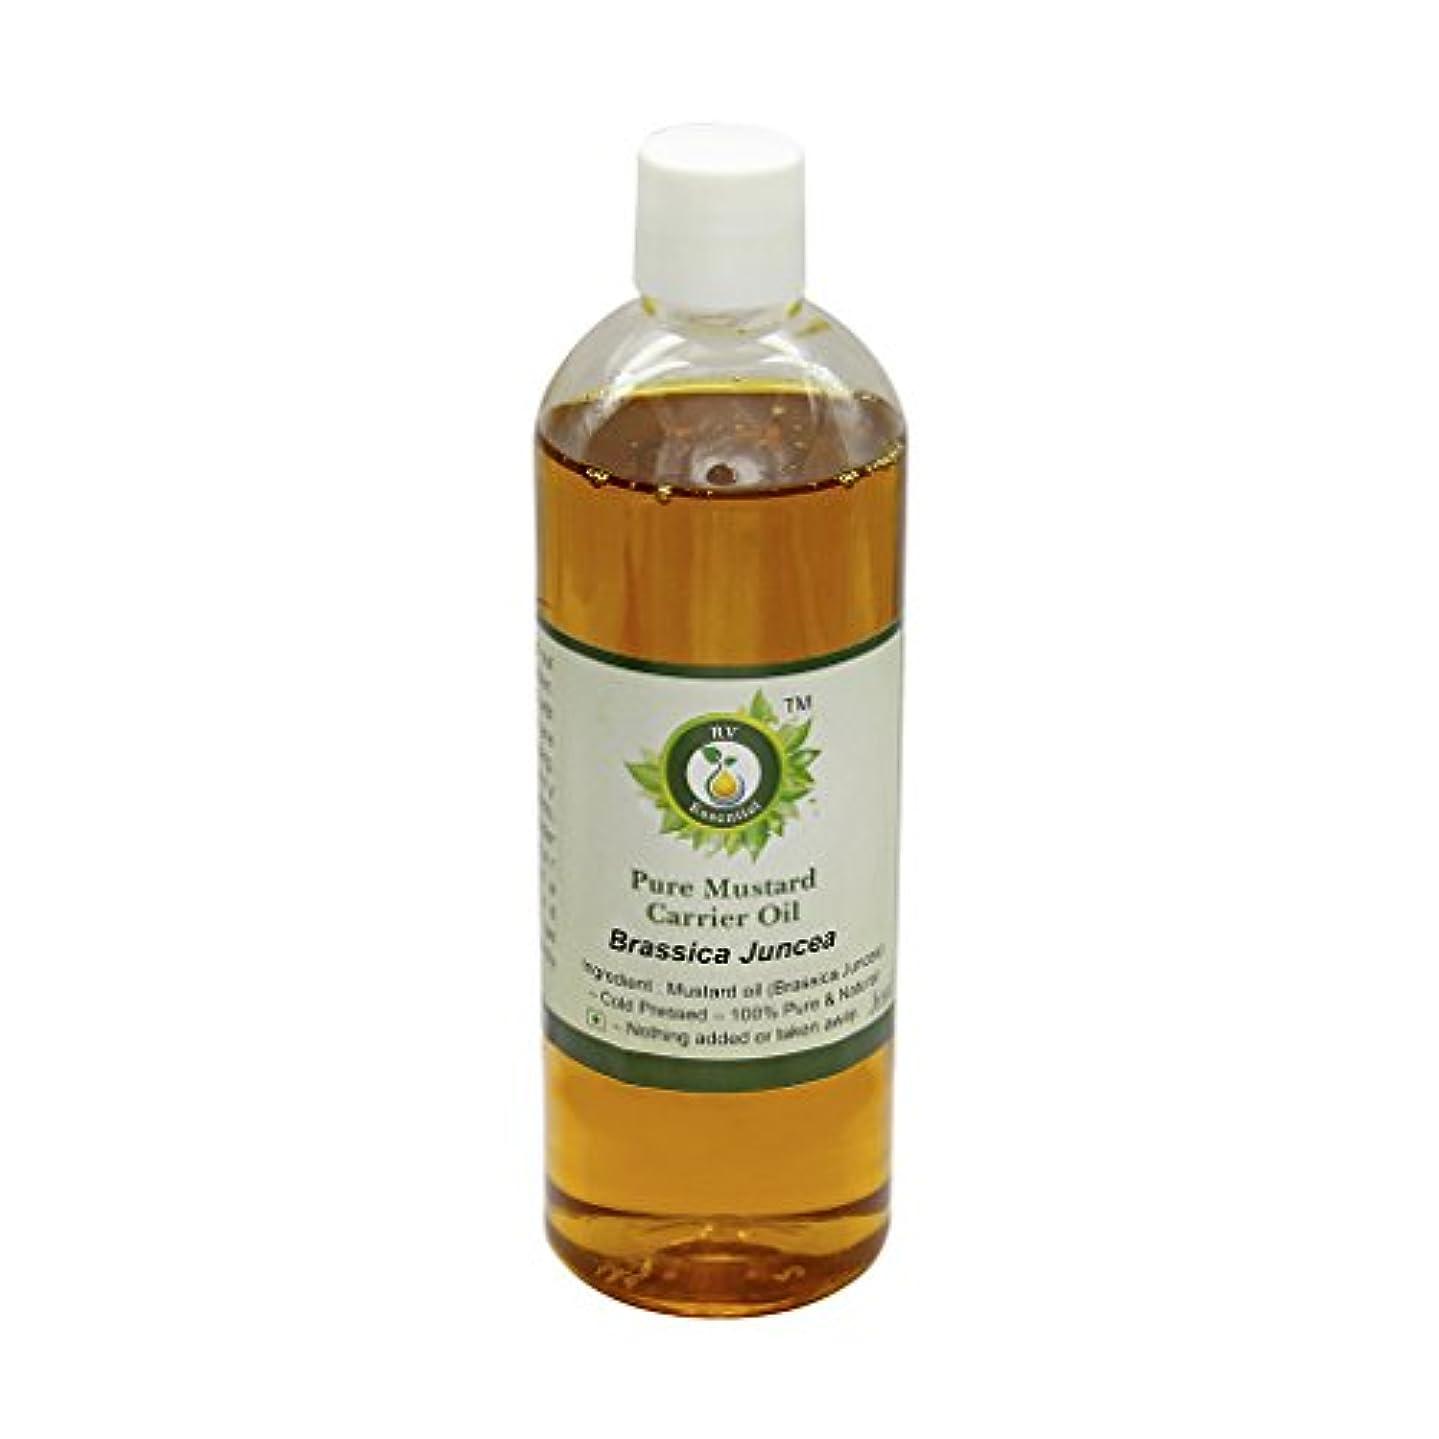 テクニカルスチュワーデス武器R V Essential 純粋なマスタードキャリアオイル100ml (3.38oz)- Brassica Juncea (100%ピュア&ナチュラルコールドPressed) Pure Mustard Carrier Oil